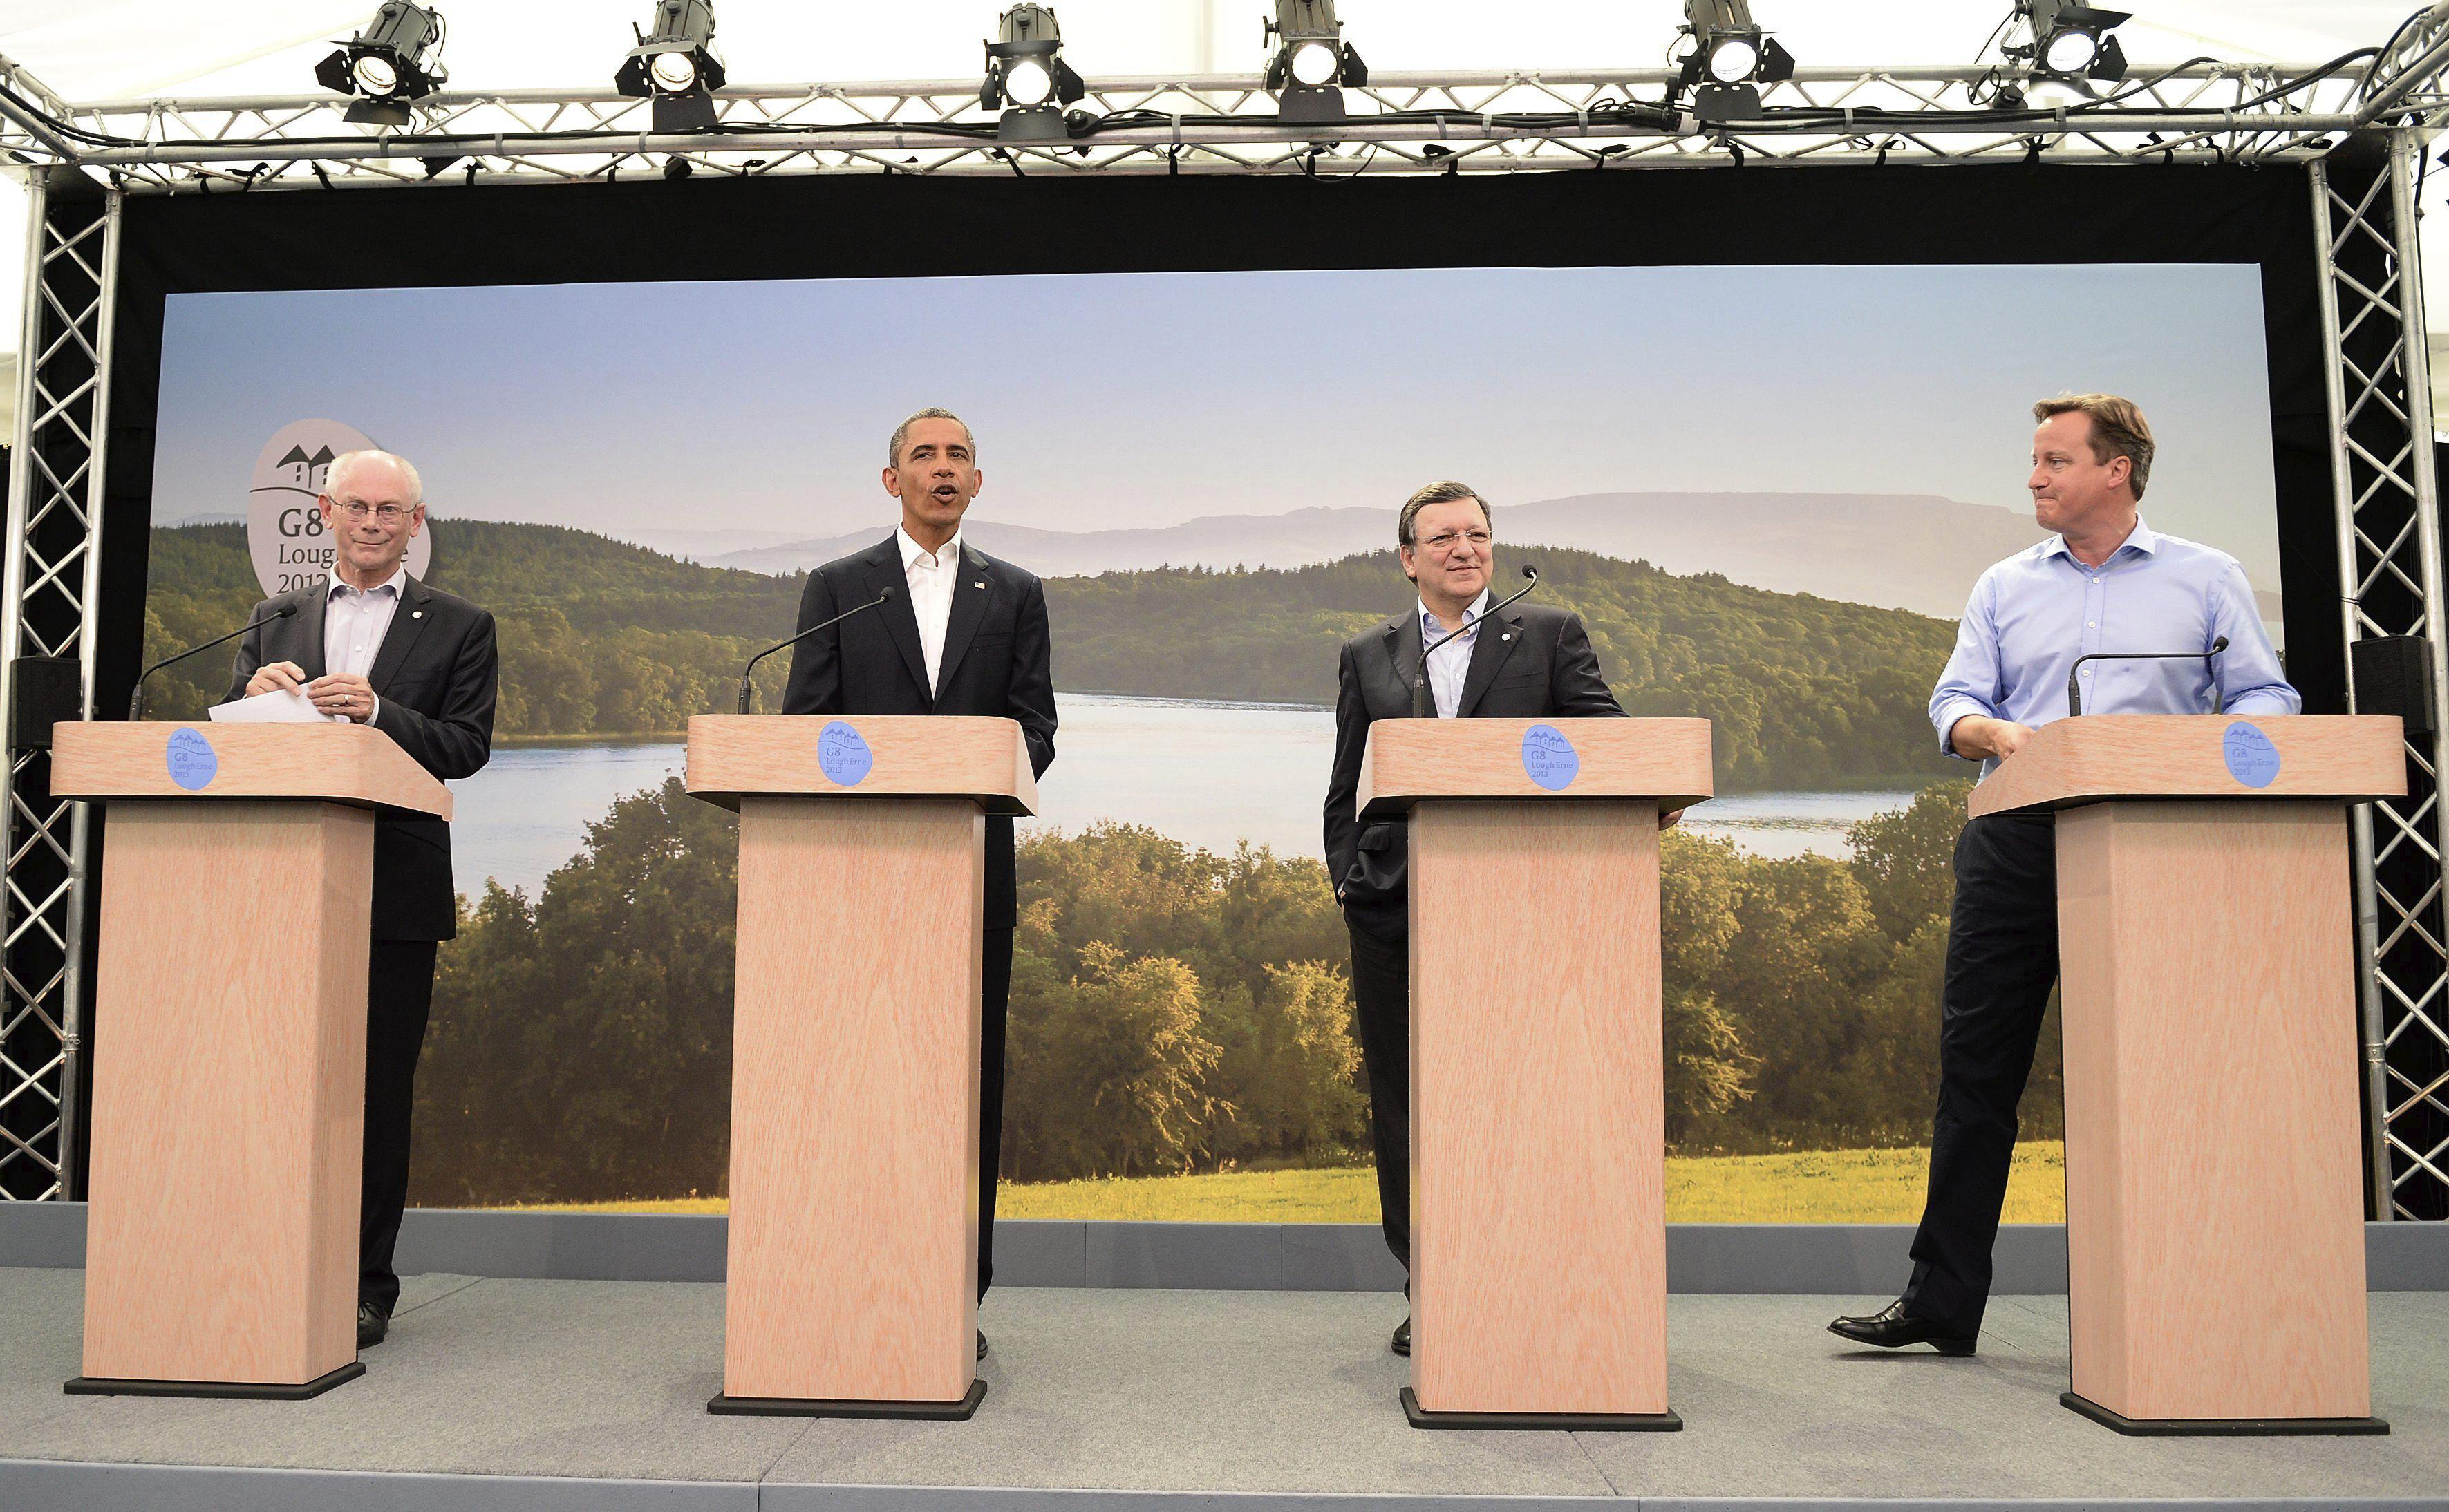 La UE y EEUU comenzarán a negociar en julio un acuerdo de libre comercio